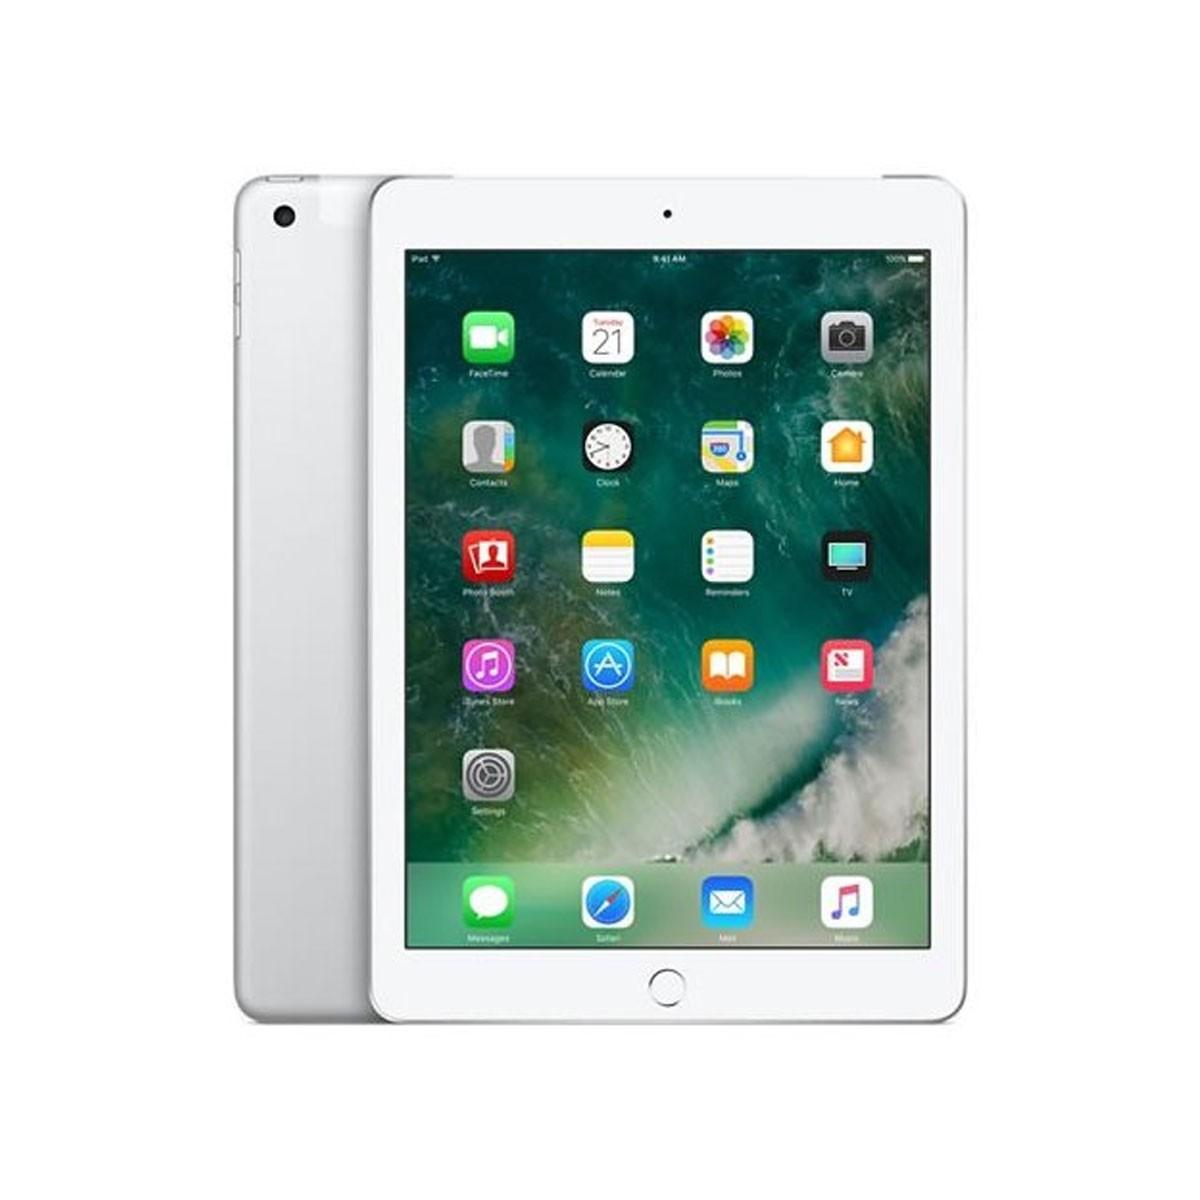 Apple iPad 5 au 32GB シルバー MP1L2J/A アップル 中古 タブレット 本体 アイパッド Cランク